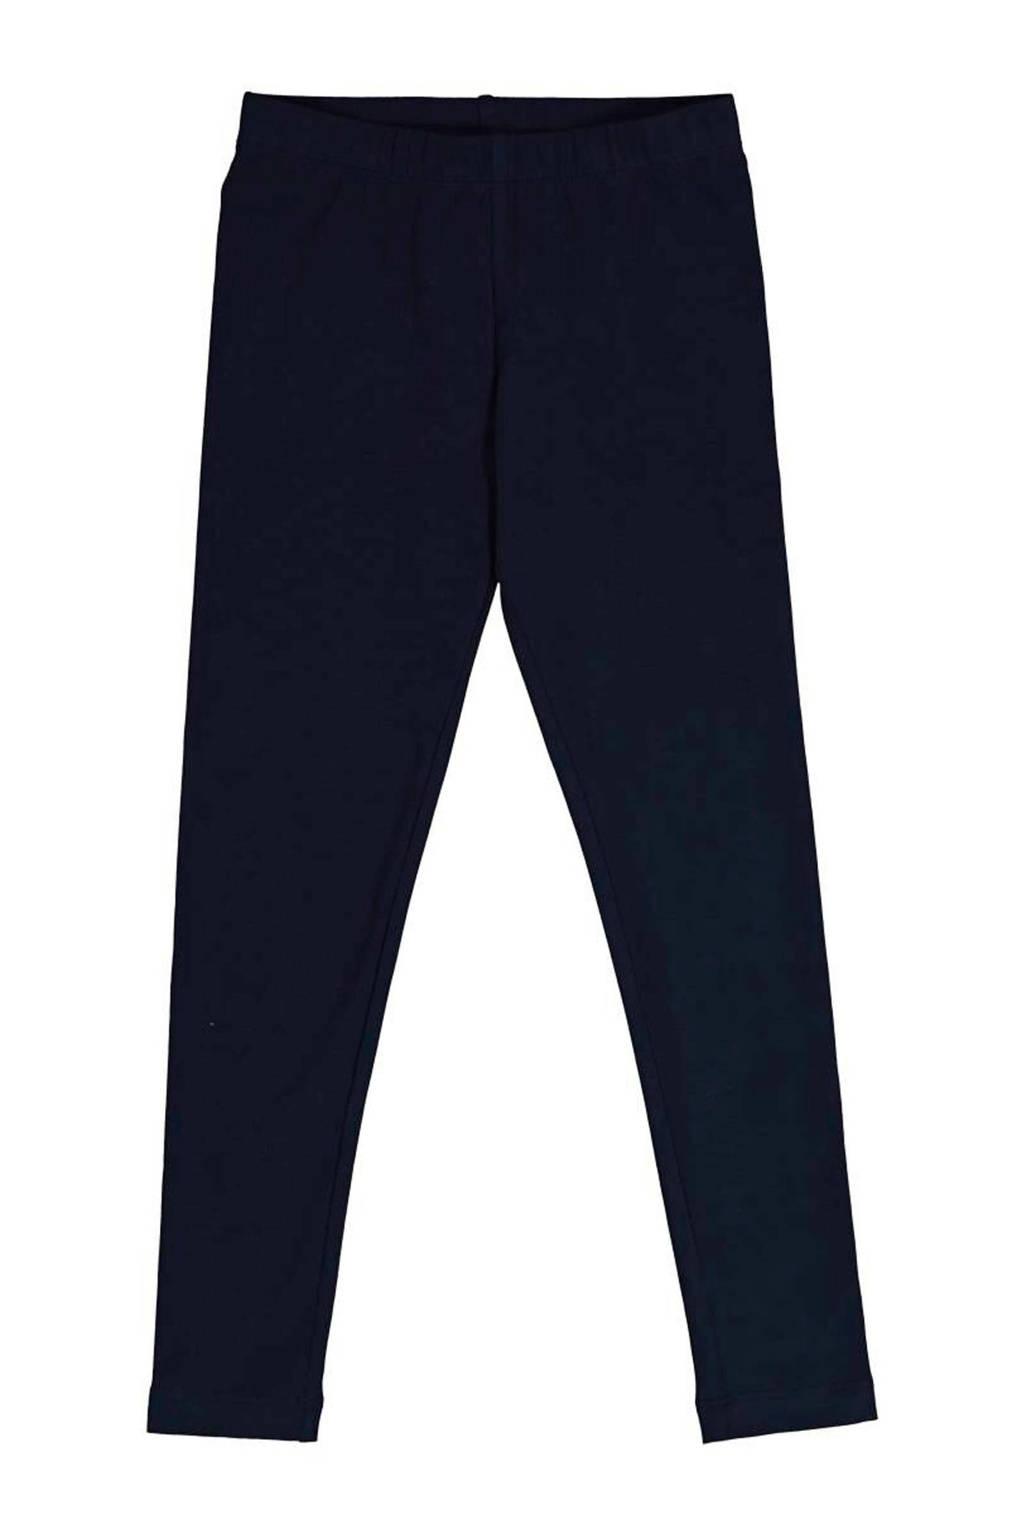 HEMA legging donkerblauw, Donkerblauw